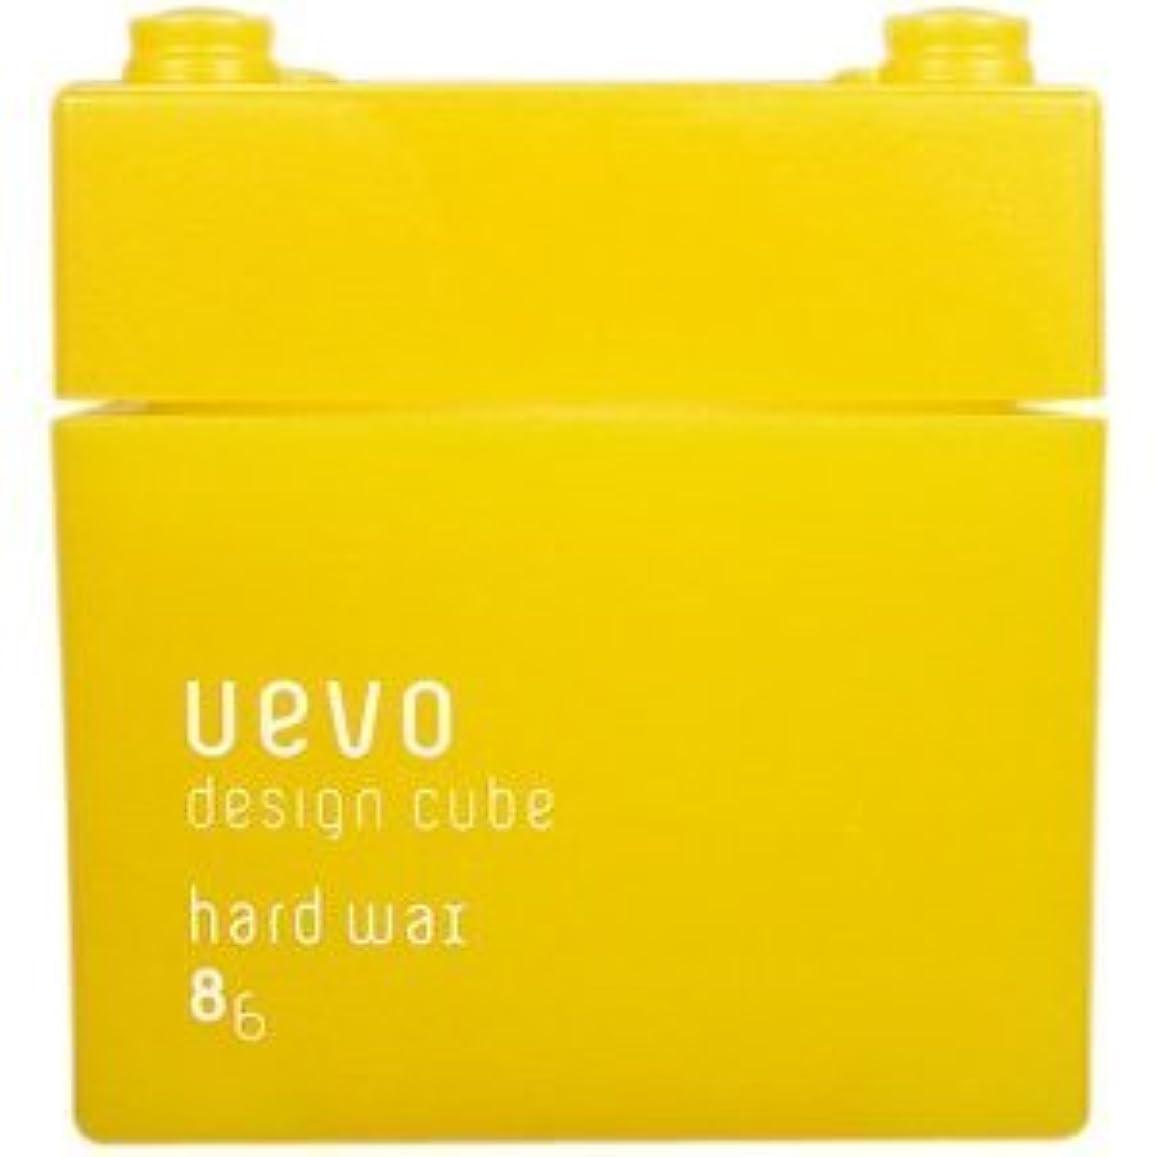 承知しましたトンネルスキャンダル【X3個セット】 デミ ウェーボ デザインキューブ ハードワックス 80g hard wax DEMI uevo design cube